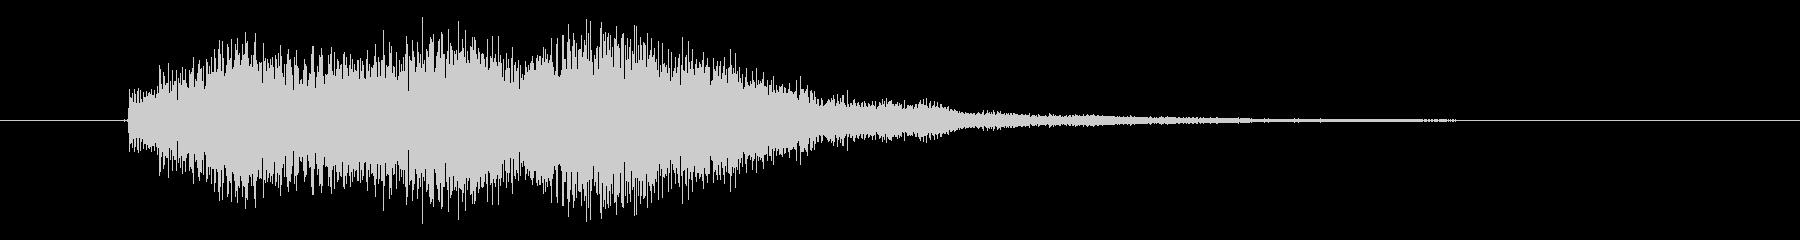 ピロピロピロリン(チャイムの音)の未再生の波形